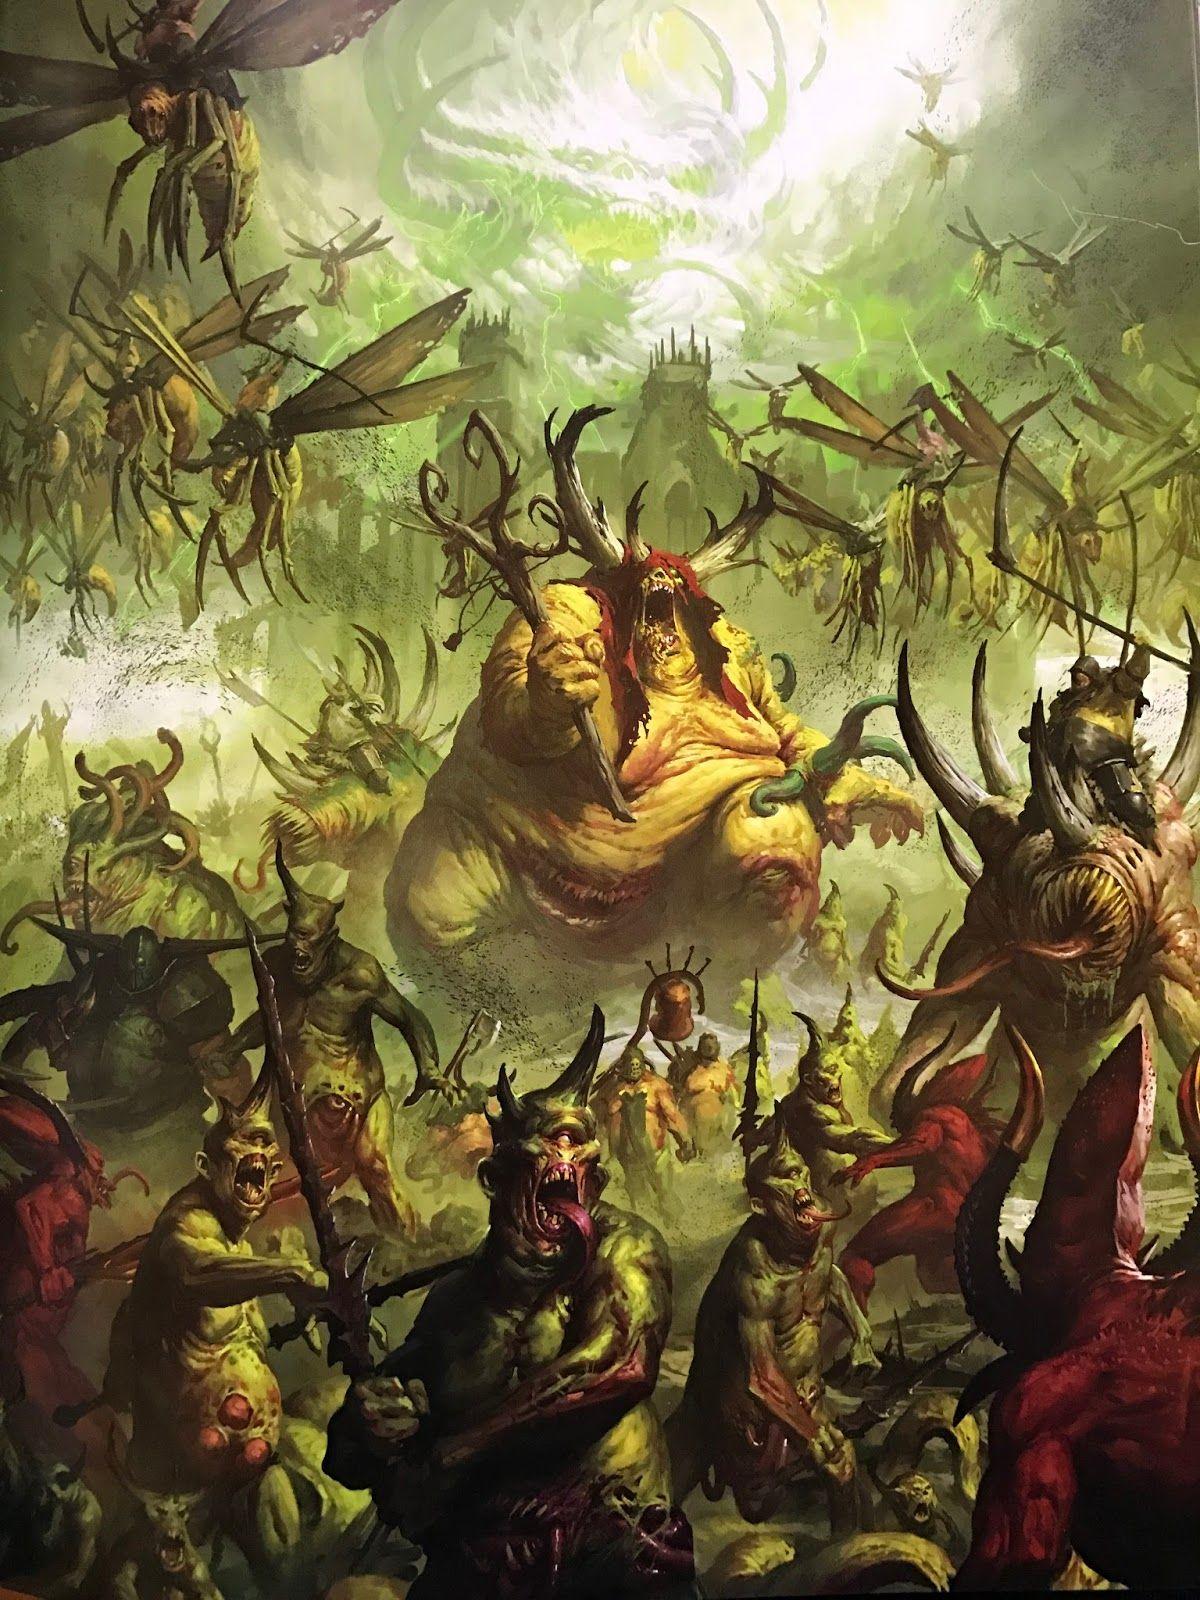 Age of Warhammer: Chaos Battletome: Maggotkin of Nurgle Review | Warhammer  fantasy, Warhammer 40k artwork, Warhammer art